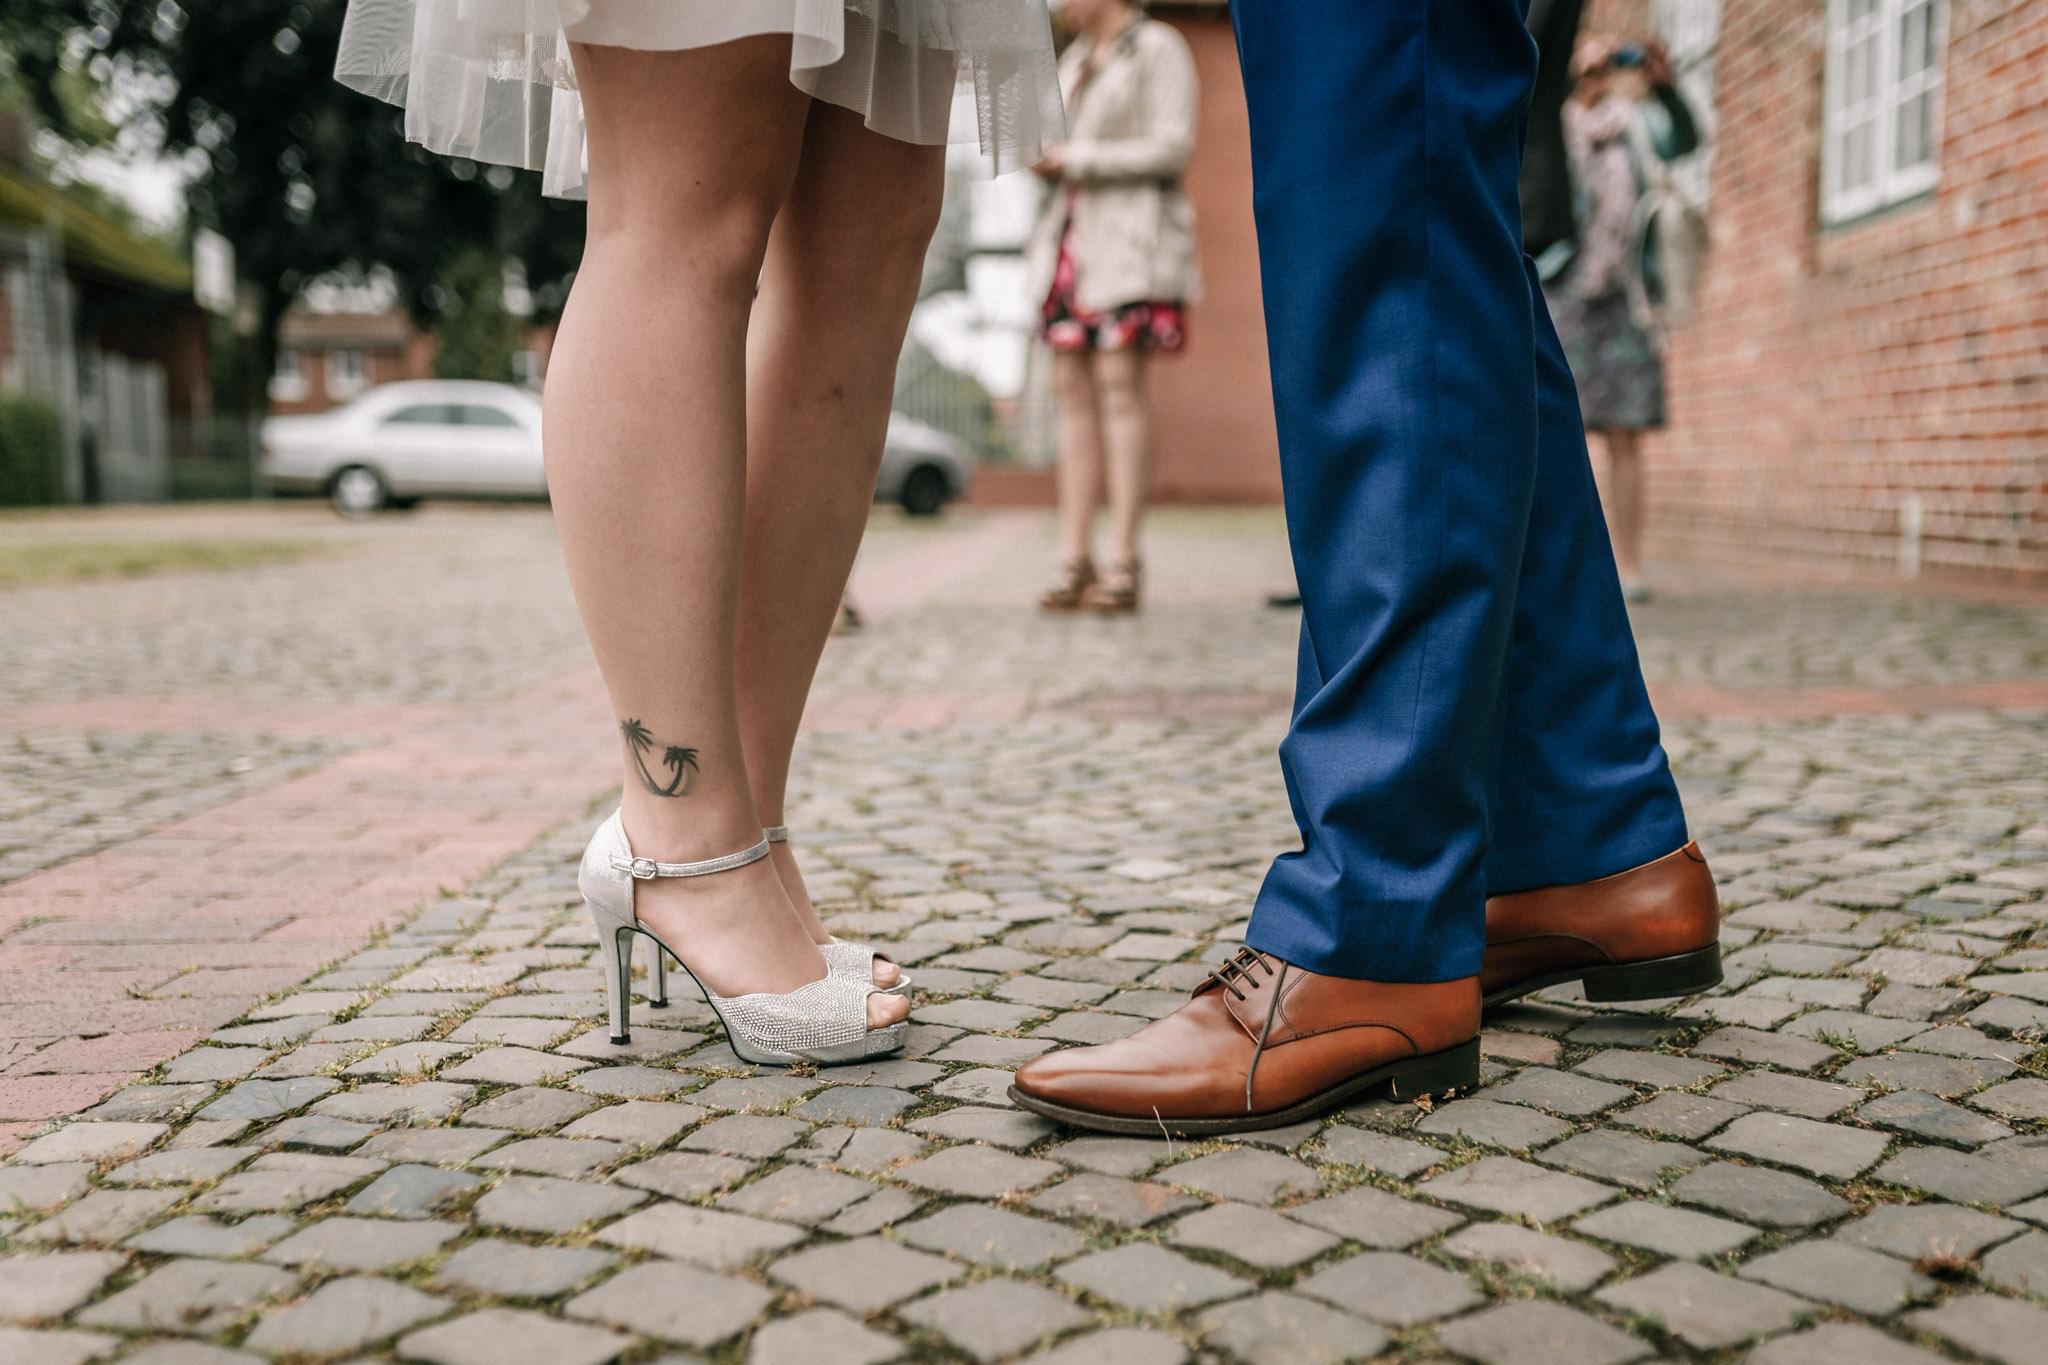 Hochzeitsfieber by Photo-Schomburg, Sven Schomburg Hochzeitsfotografie, Hochzeitsfotograf, Bad Bramstedt, Hamburg, Schleswig-Hostein-13